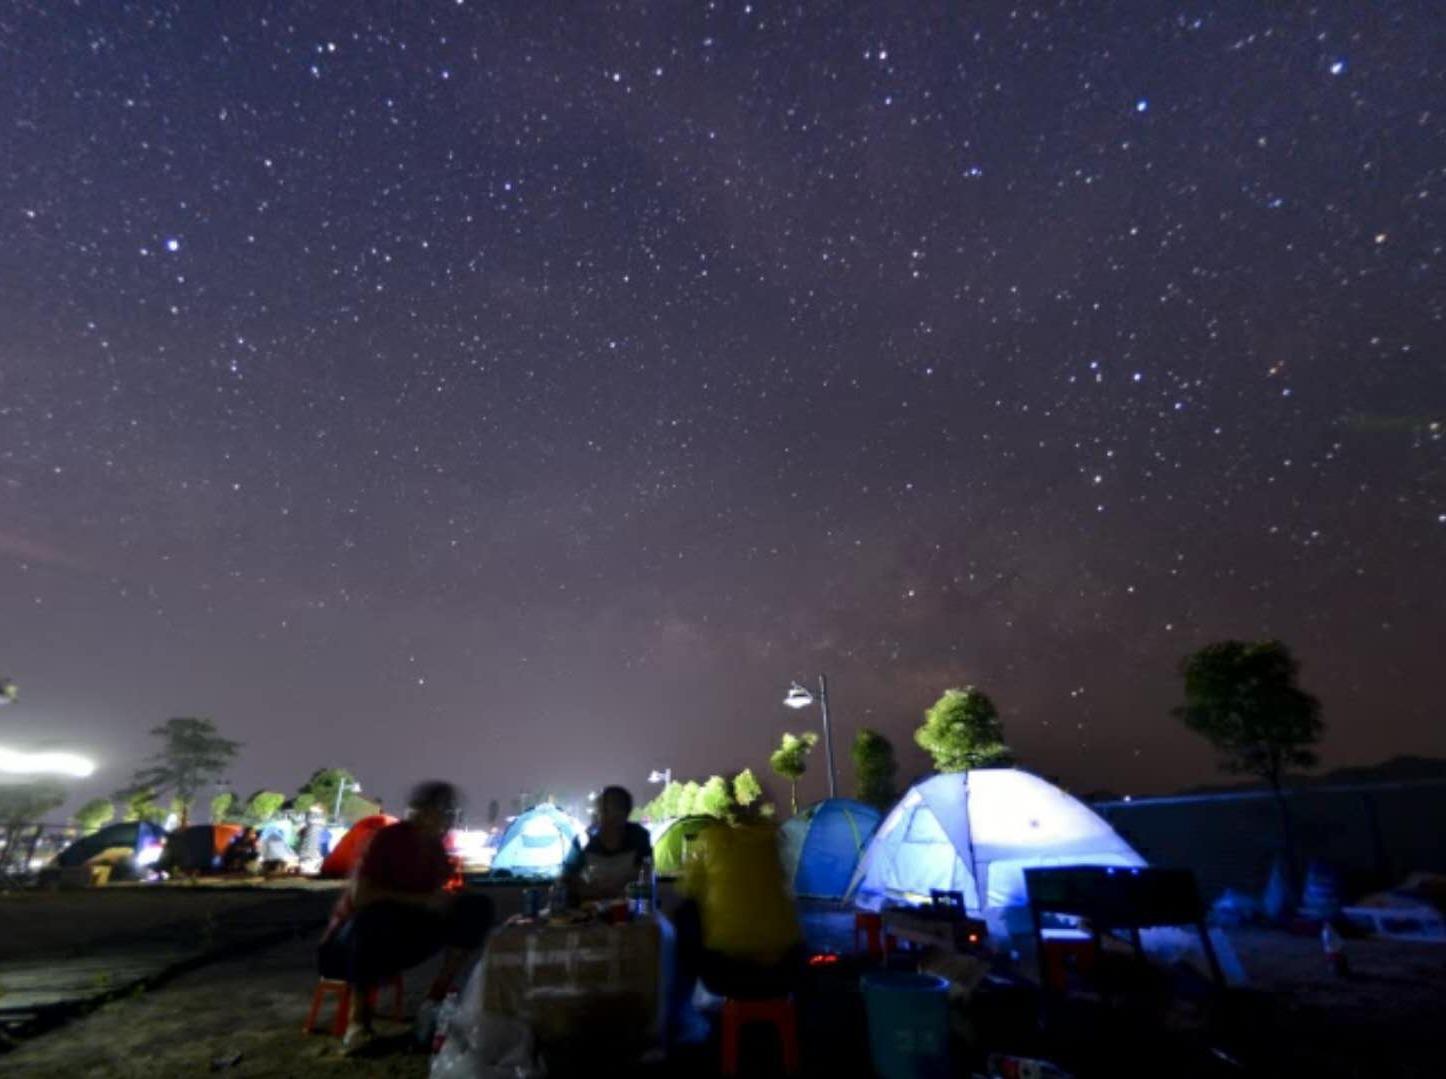 探路者车友会免费音乐帐篷节再次震撼来袭!